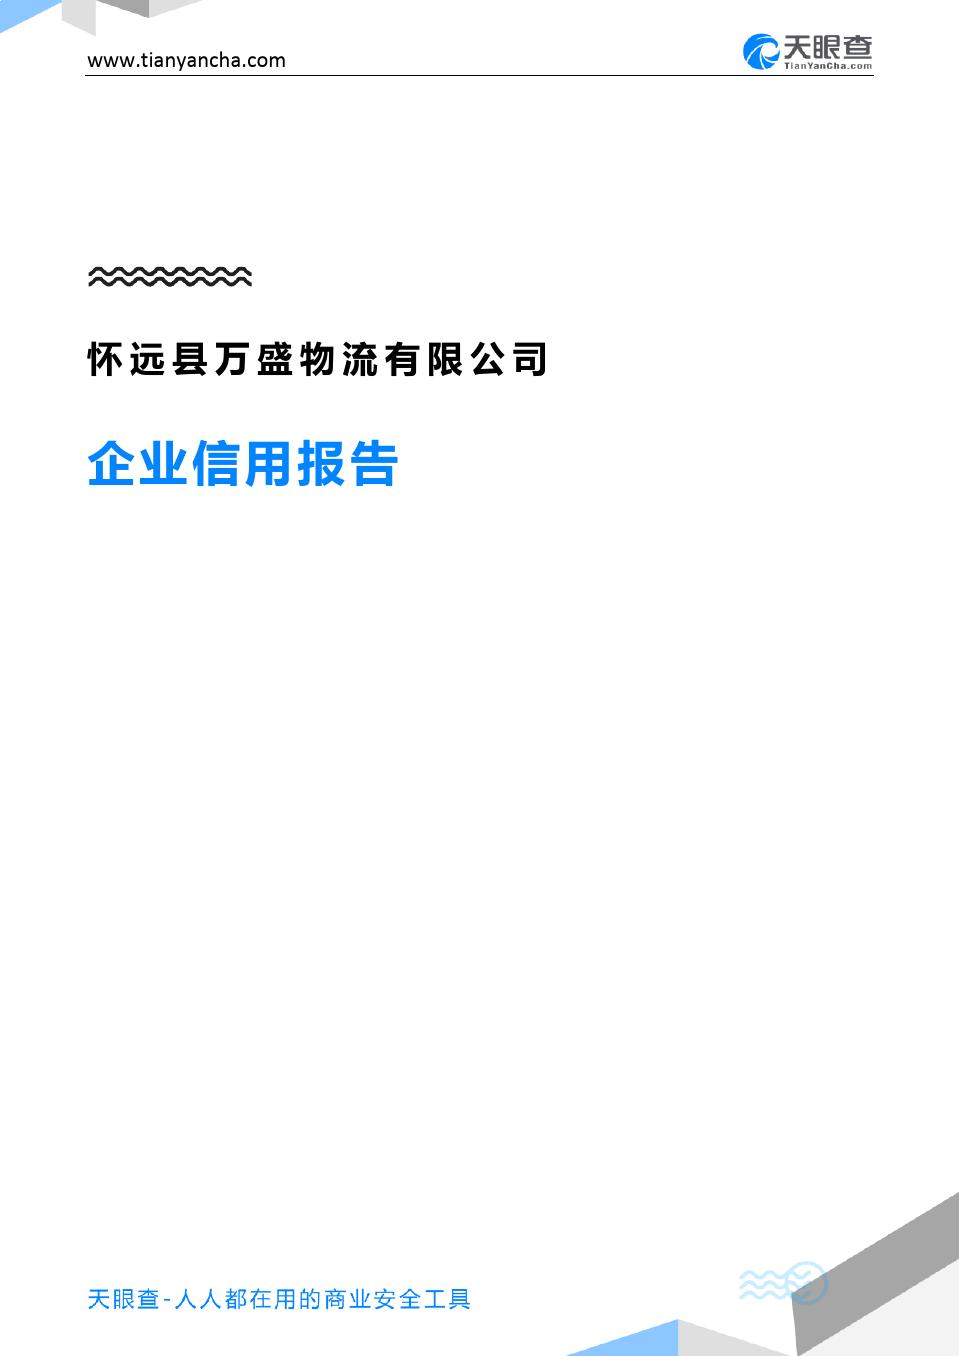 怀远县万盛物流有限公司(企业信用报告)- 天眼查